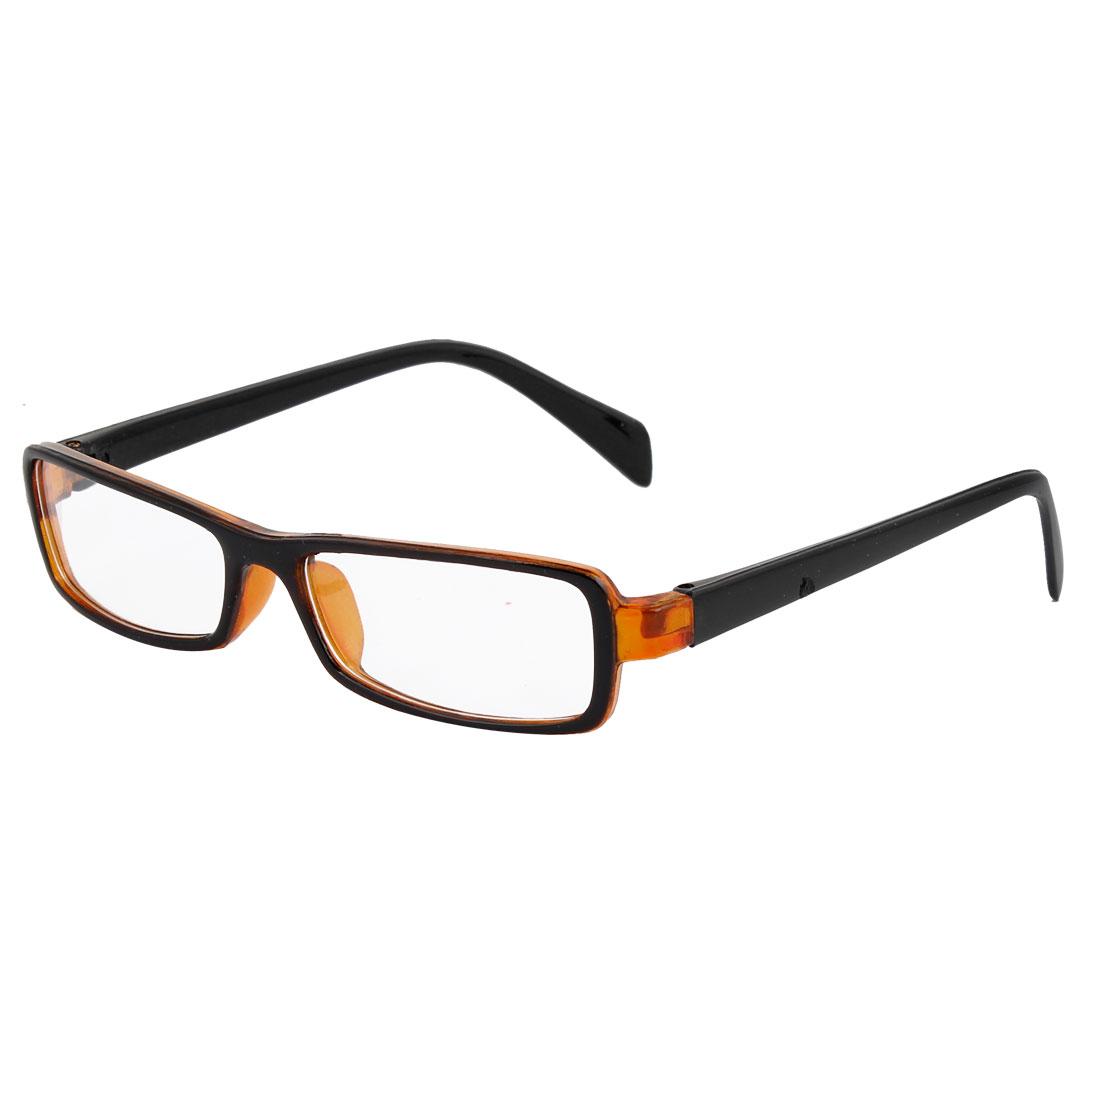 Plastic Arms Full Frame Black Orange Single Bridge Clear Lens Plain Eyeglasses